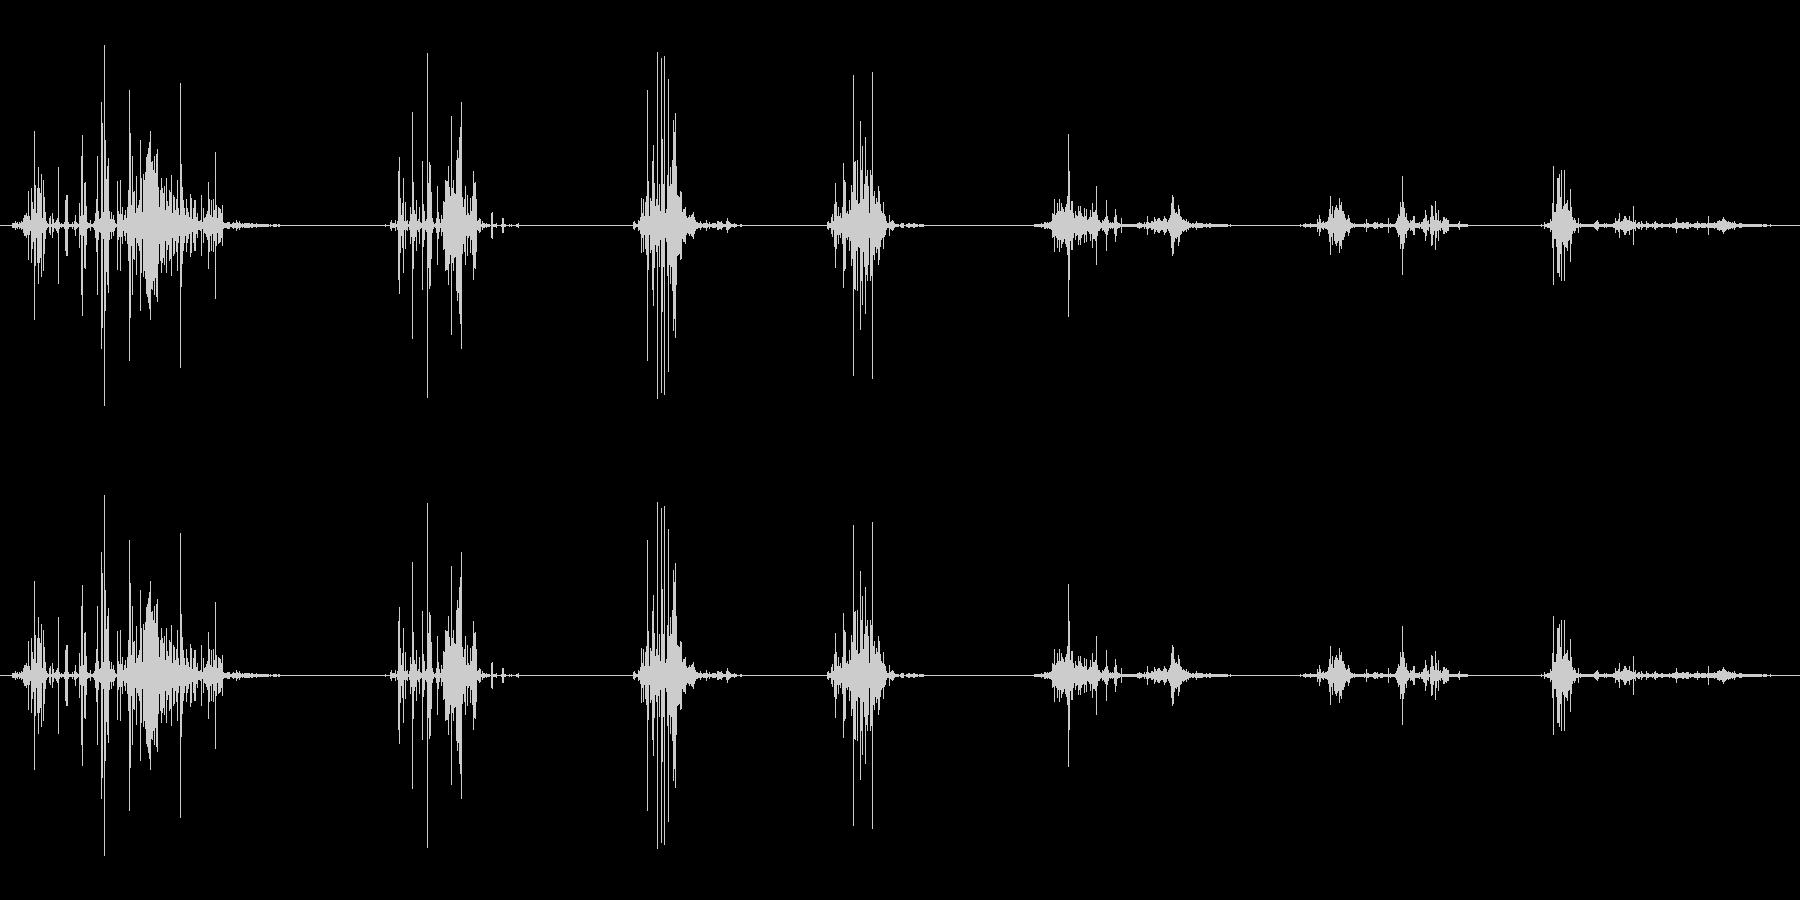 ポテトチップスチューインクランチの未再生の波形